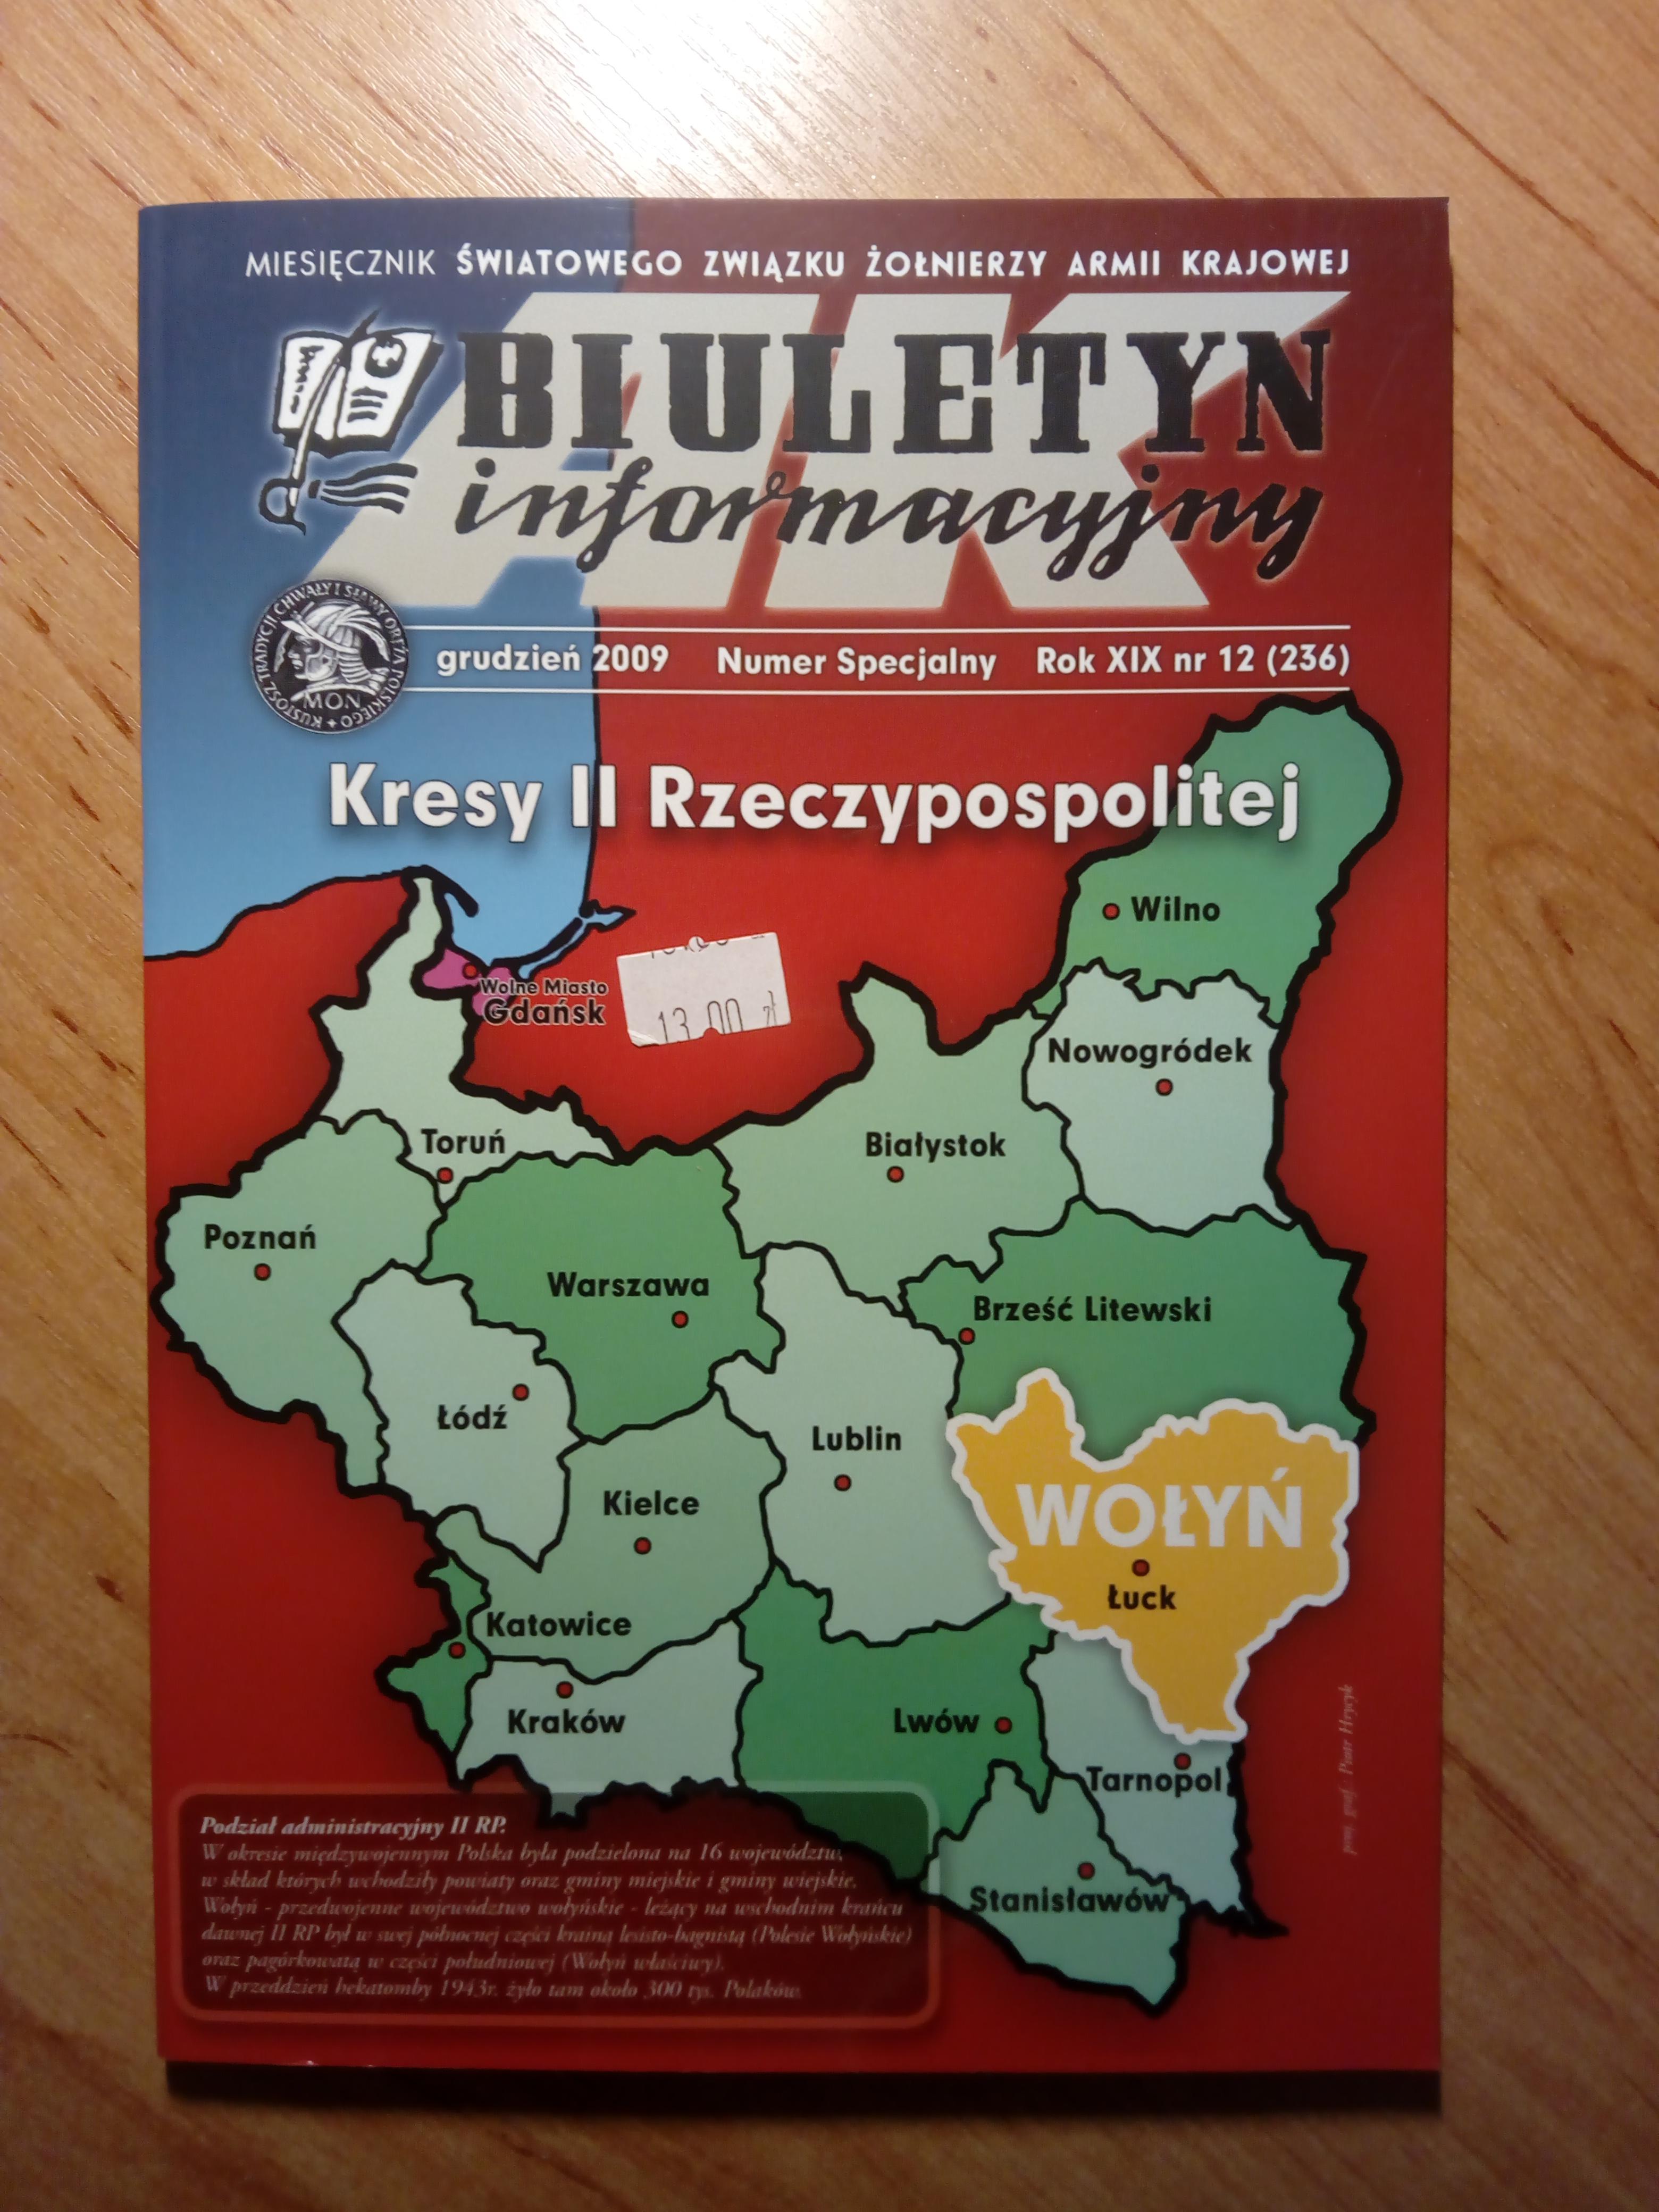 Biuletyn Informacyjny 12/2009 Kresy II Rzeczypospolitej Wołyń (opr.zbiorowe)